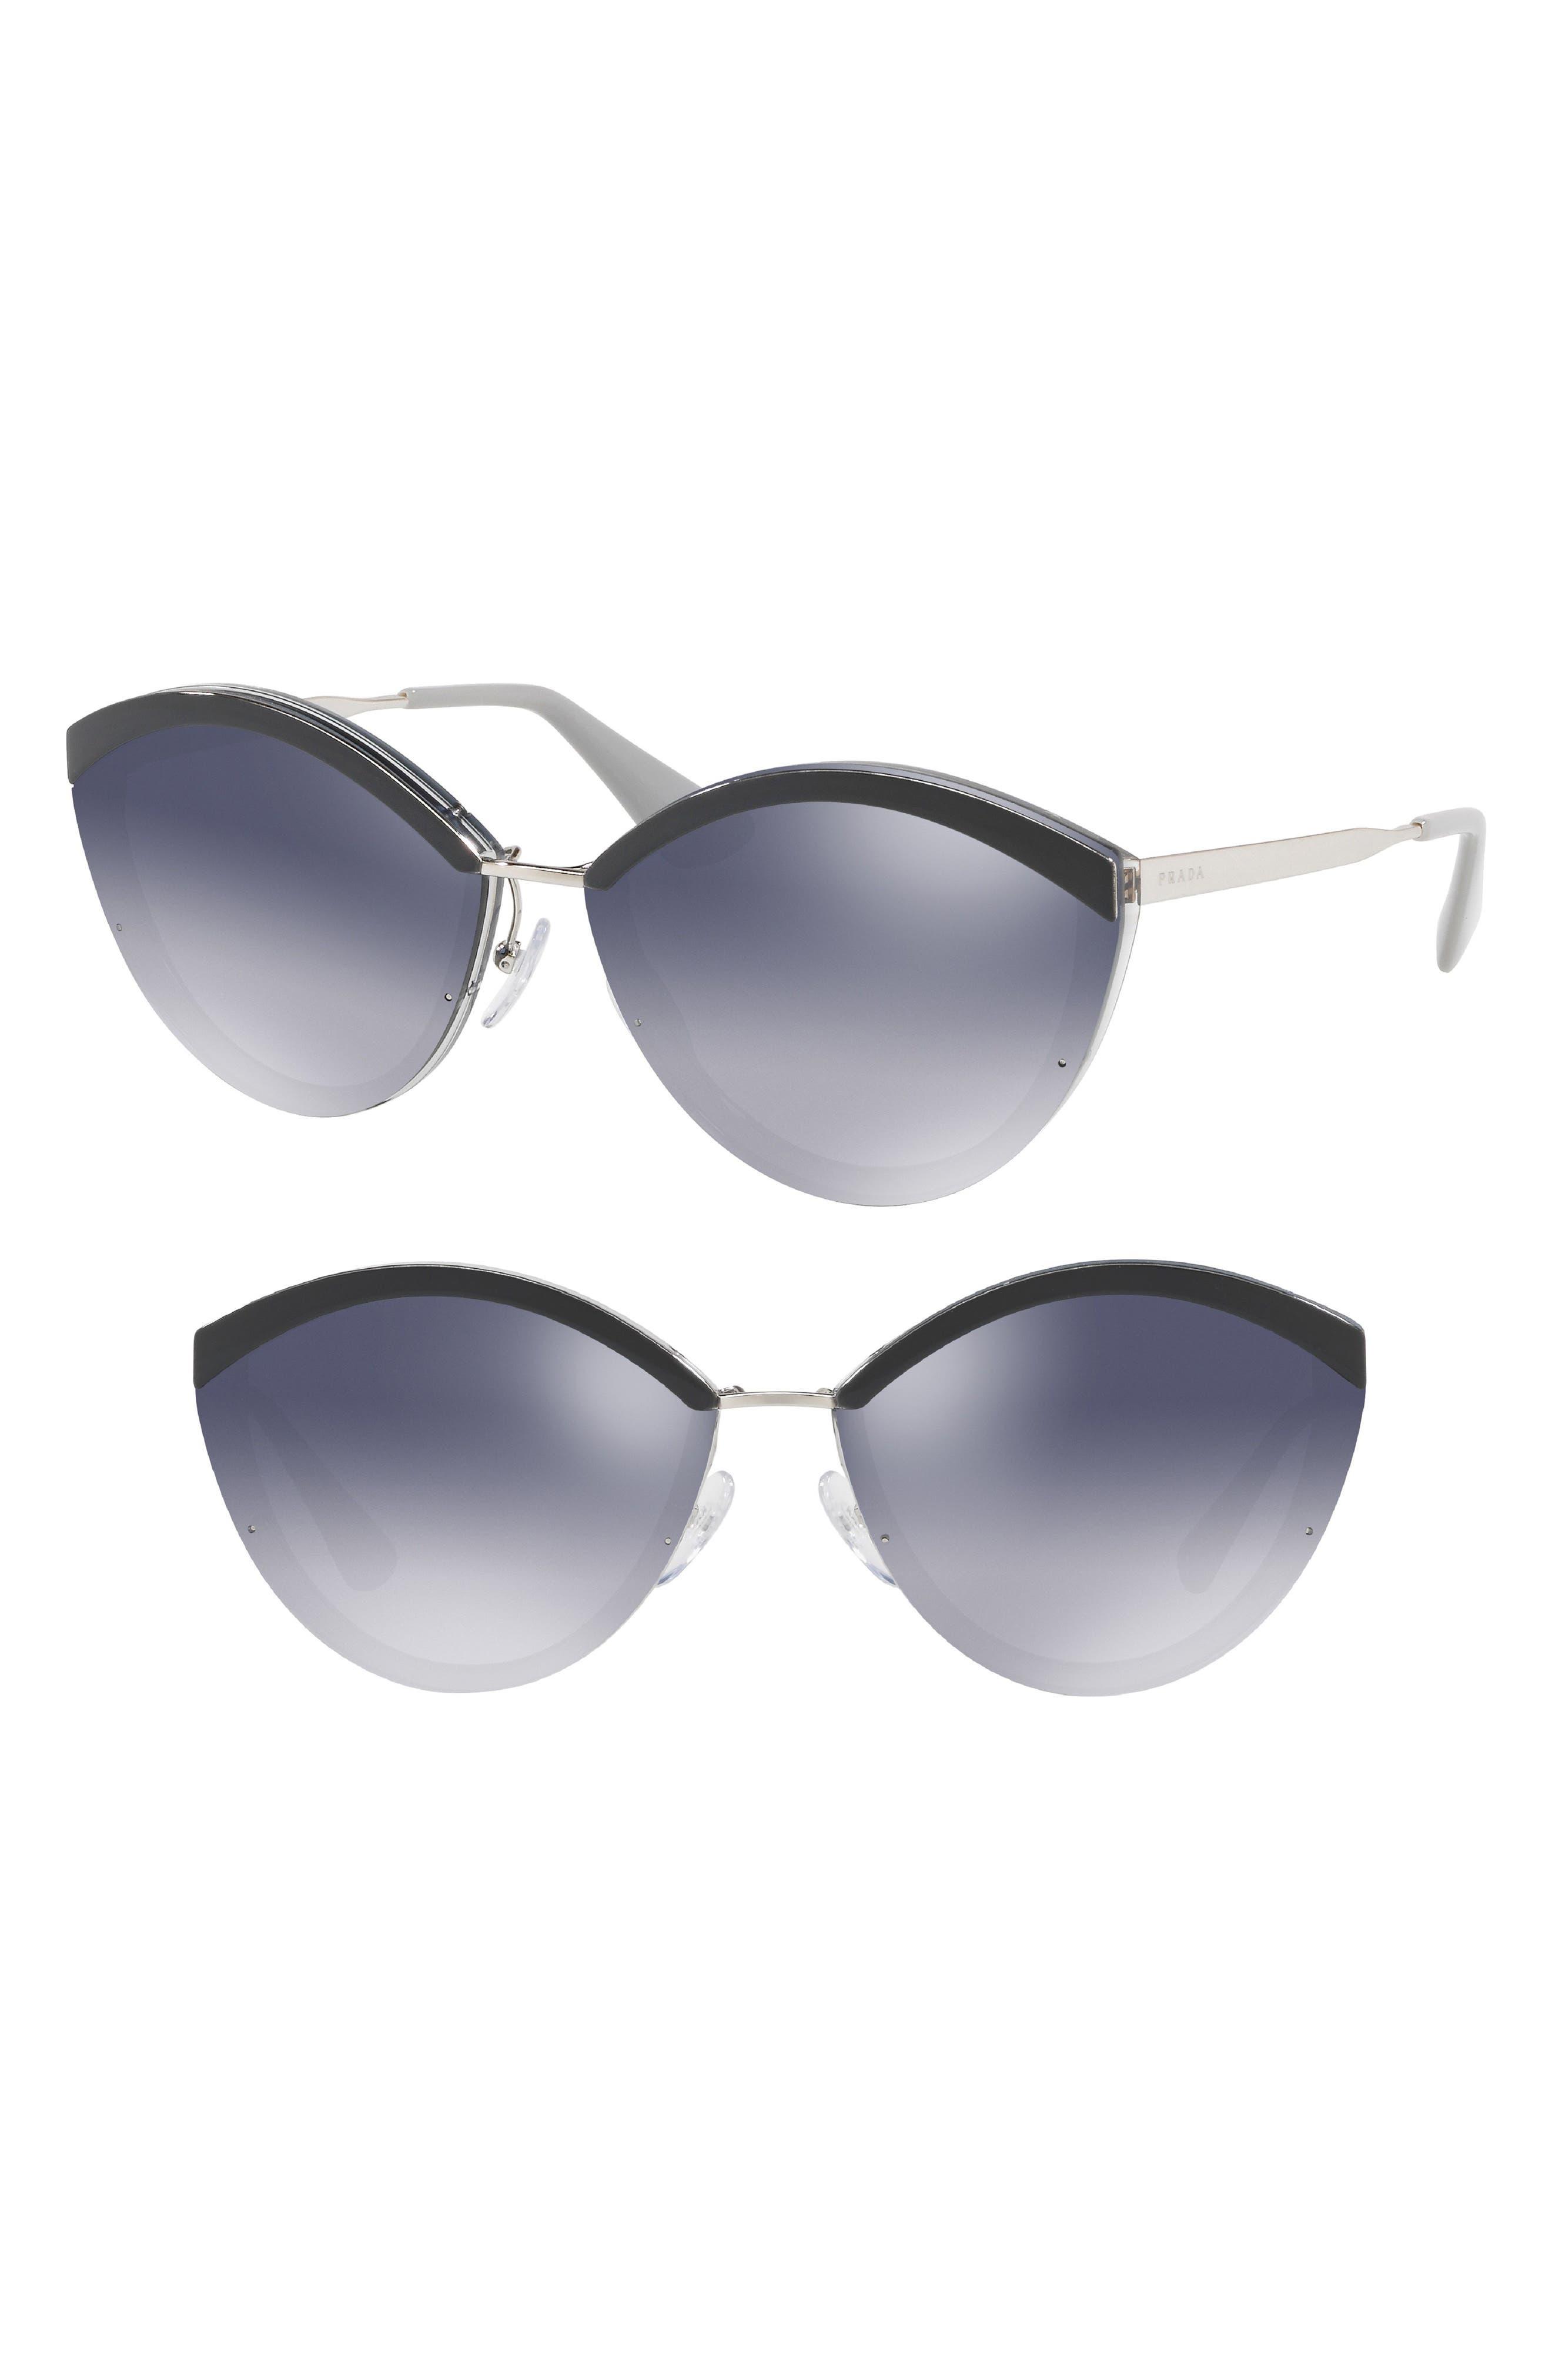 788ff44e50 ... discount prada cinma evolution 64mm oversize sunglasses d9f44 2633e